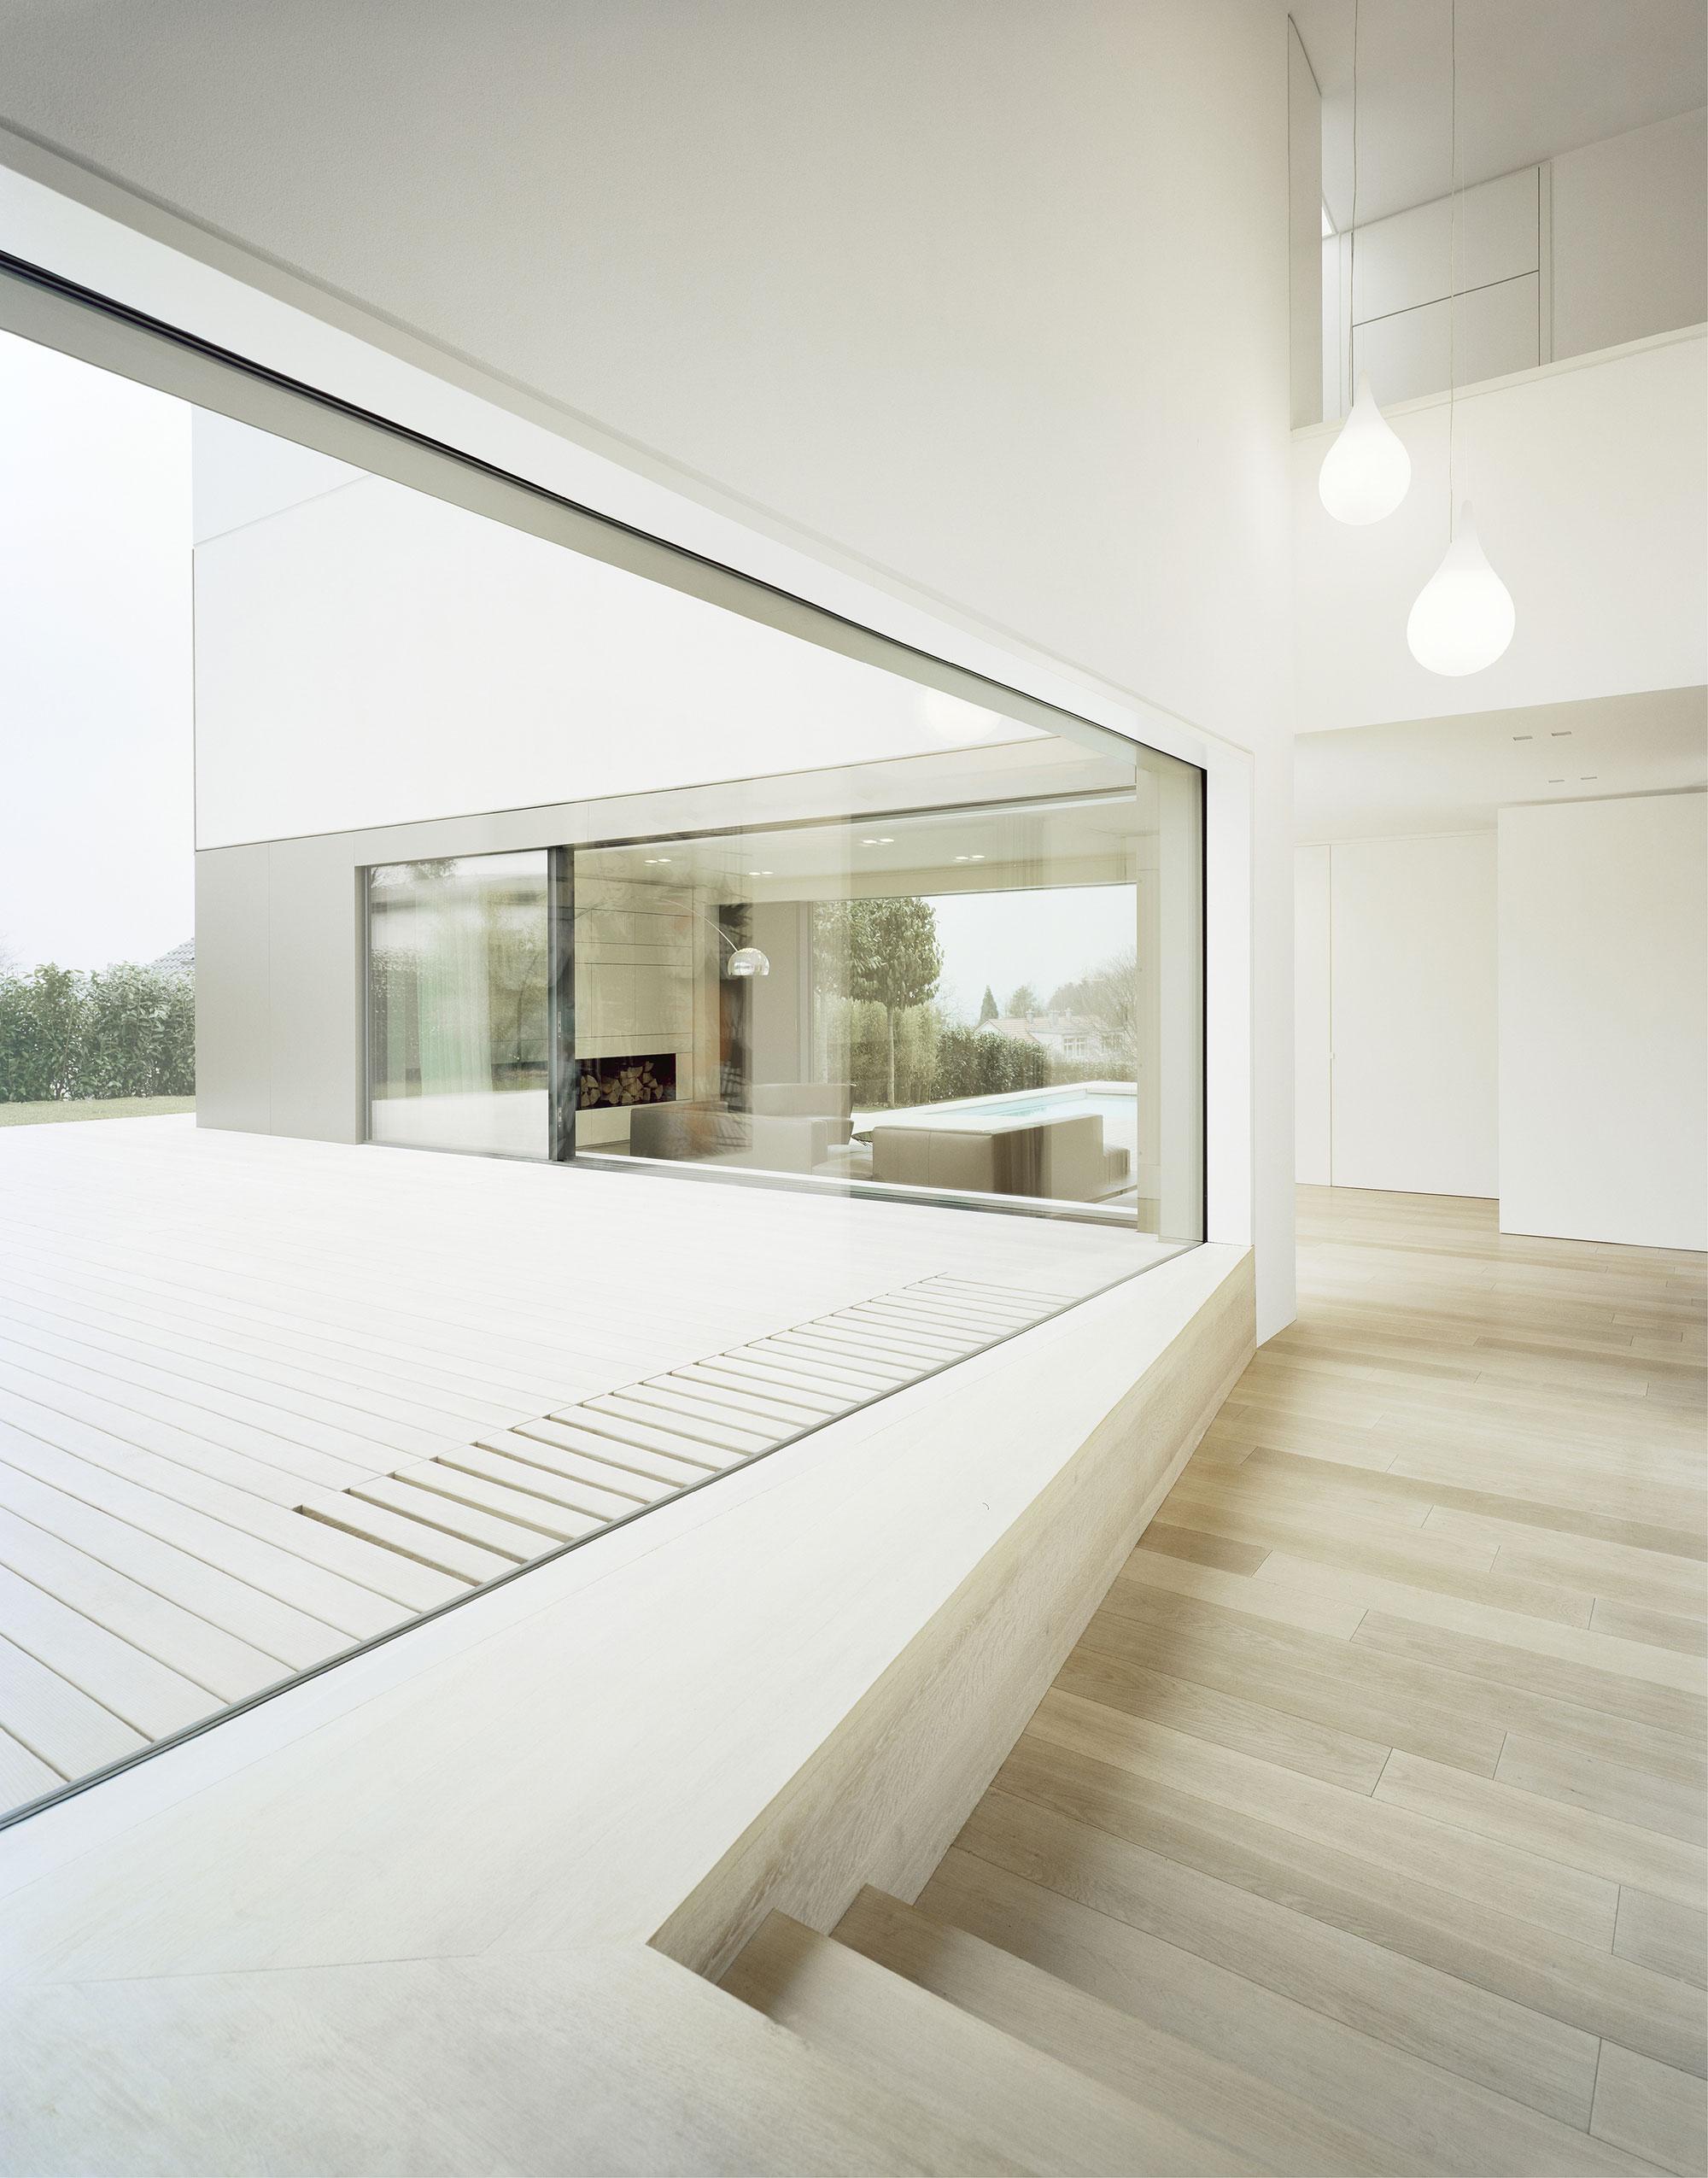 S3 City Home in Tübingen by Steimle Architekten-13